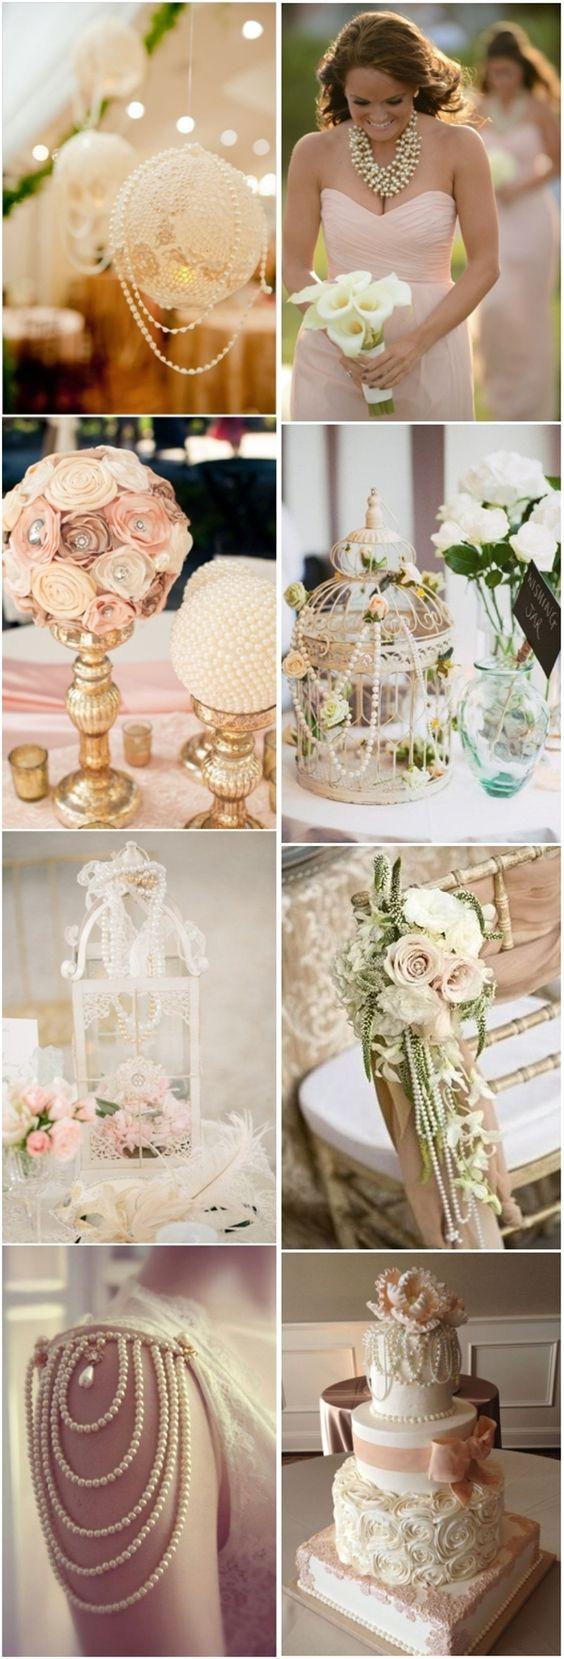 vintage wedding ideas- vintage pearl wedding decor ideas